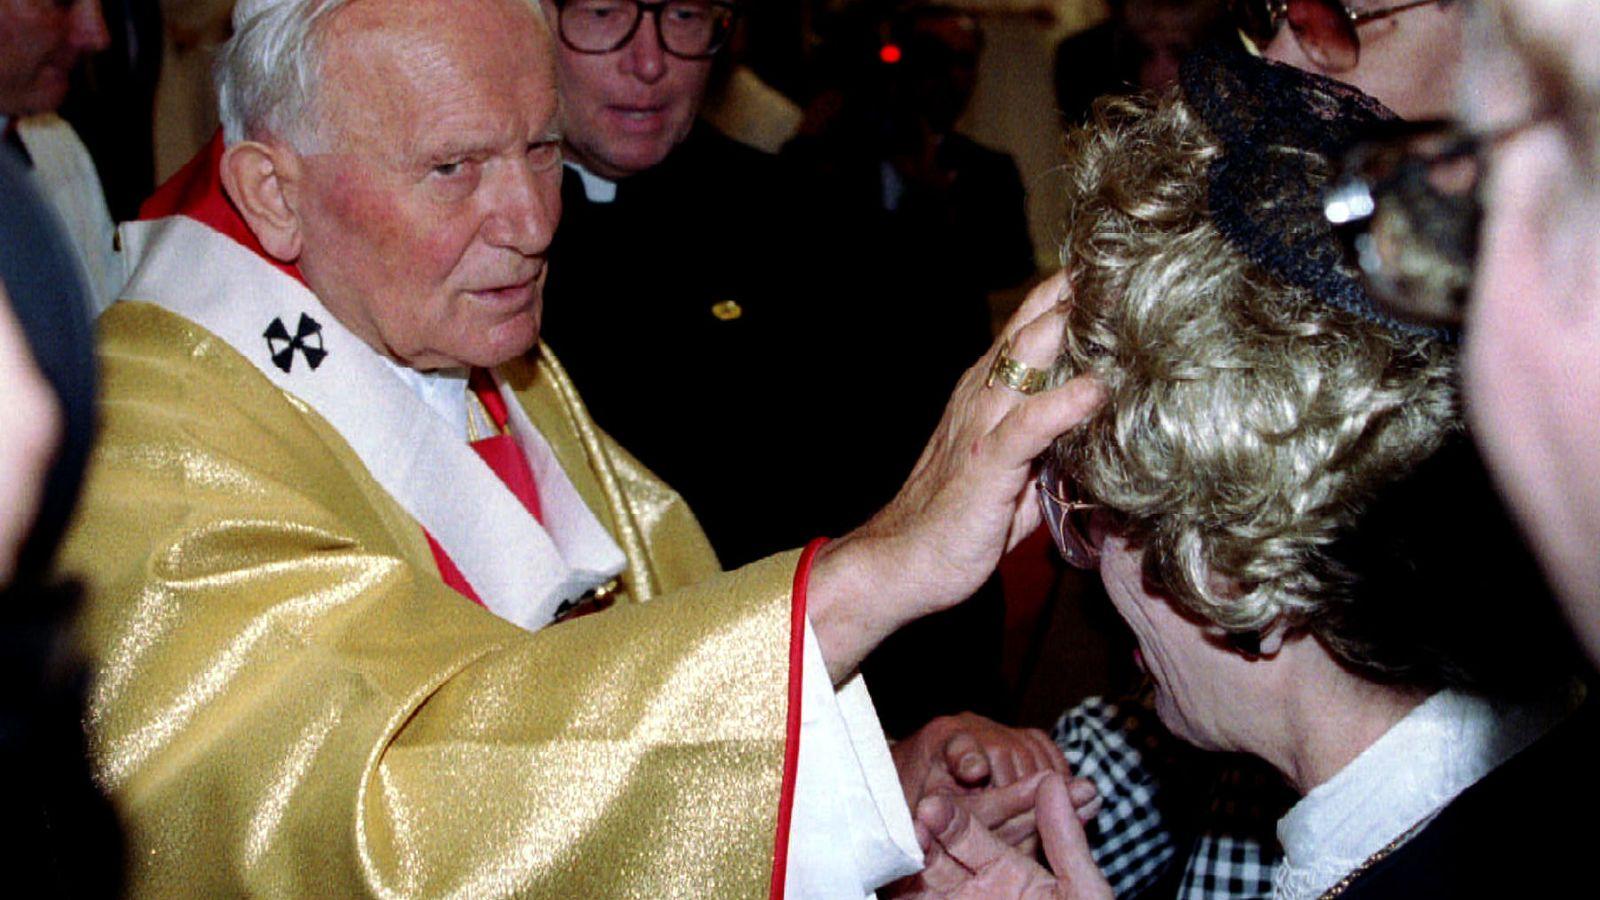 Foto: El papa Juan Pablo II bendice a una mujer en un encuentro con enfermos terminales en 1993. (Reuters)